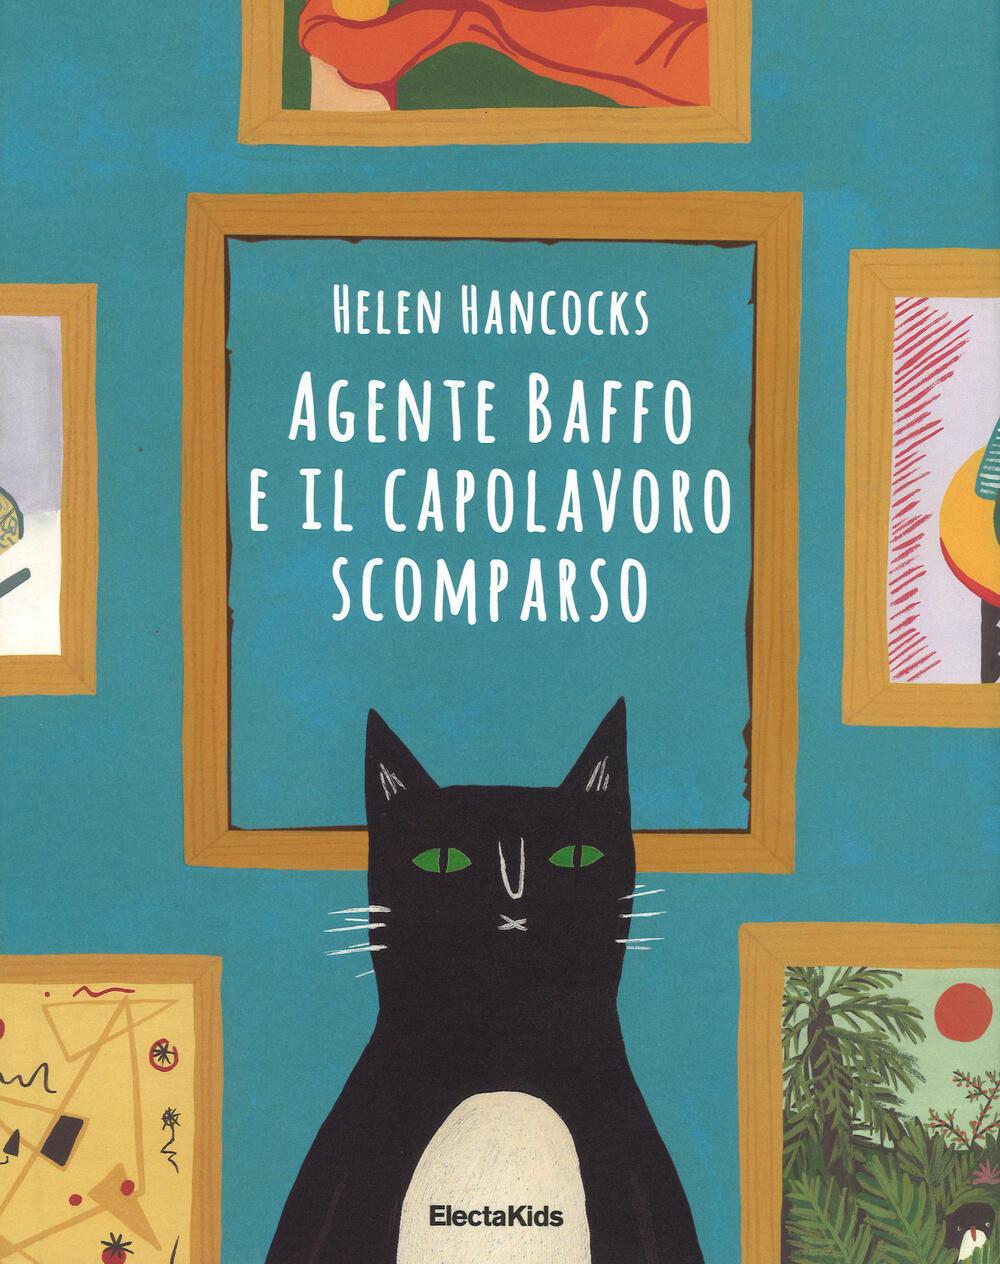 Agente Baffo e il capolavoro scomparso - Helen Hancocks - Libro - Mondadori Electa - Electa Kids ...